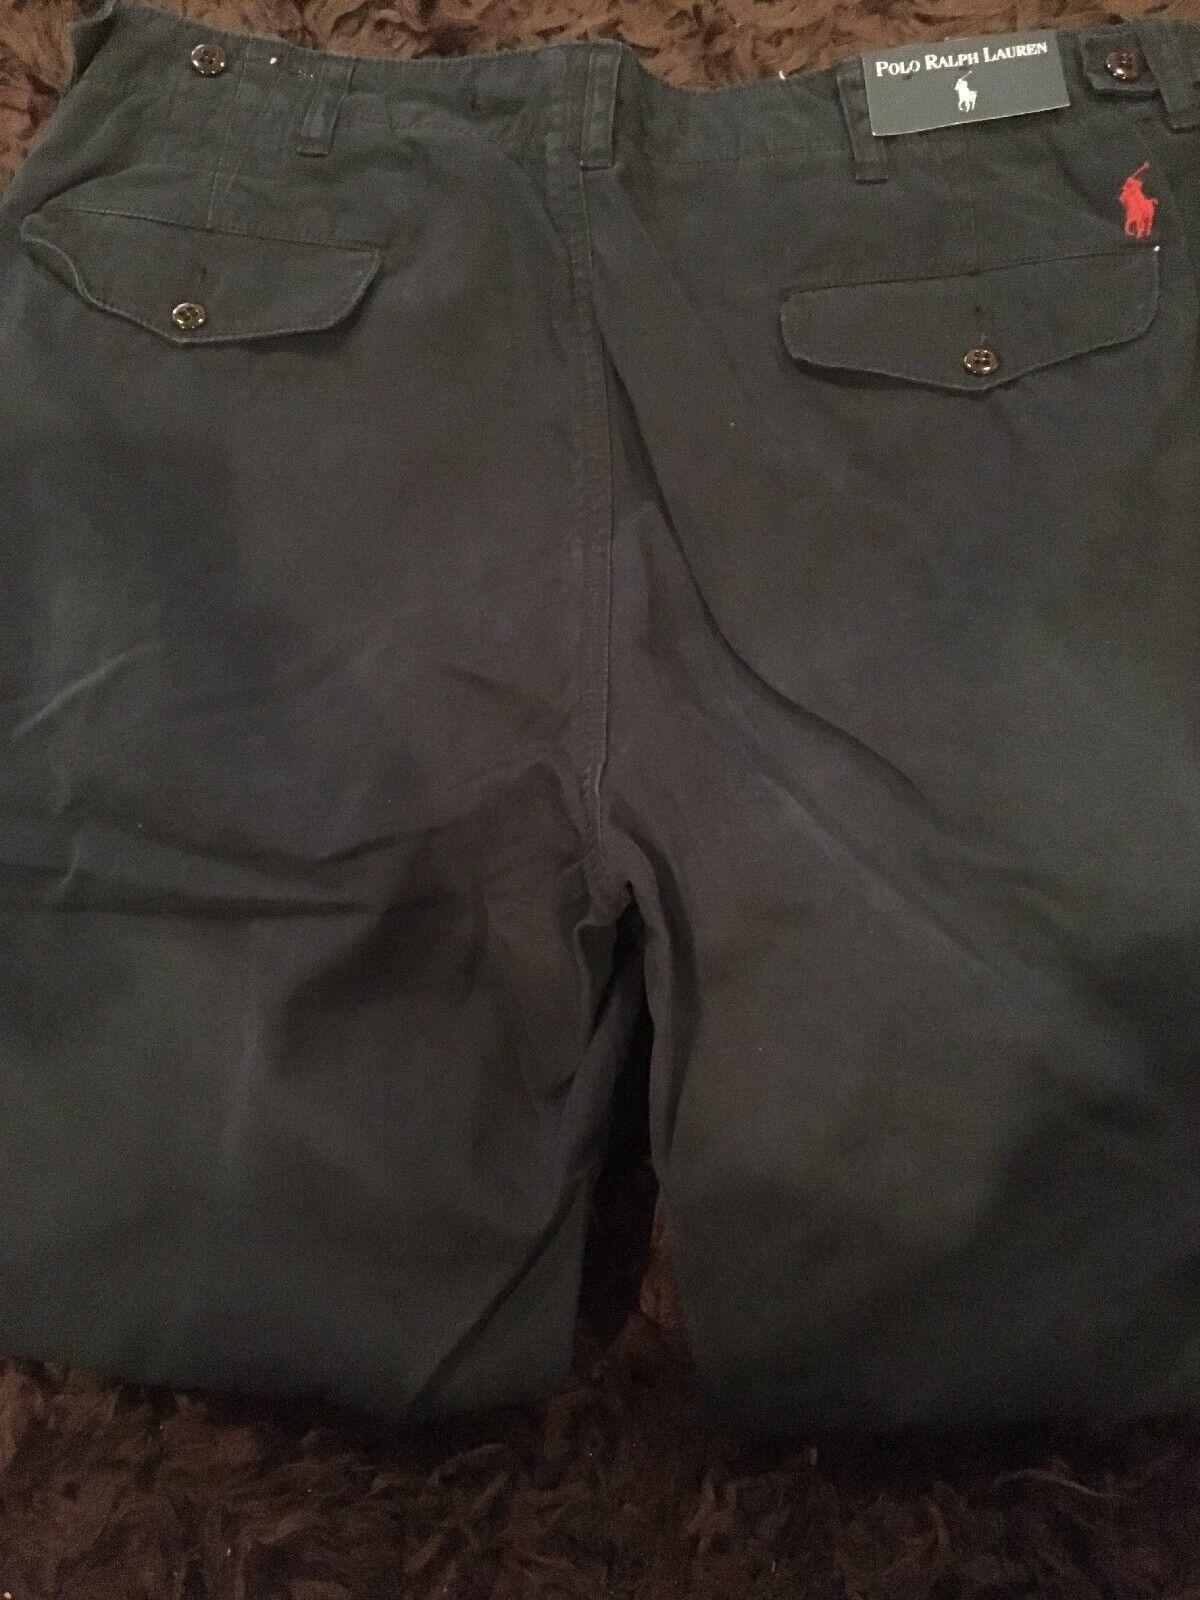 Polo Ralph Lauren Pants Adjustable Waist Men's Pants 38x30 Navy Flat Front NEW